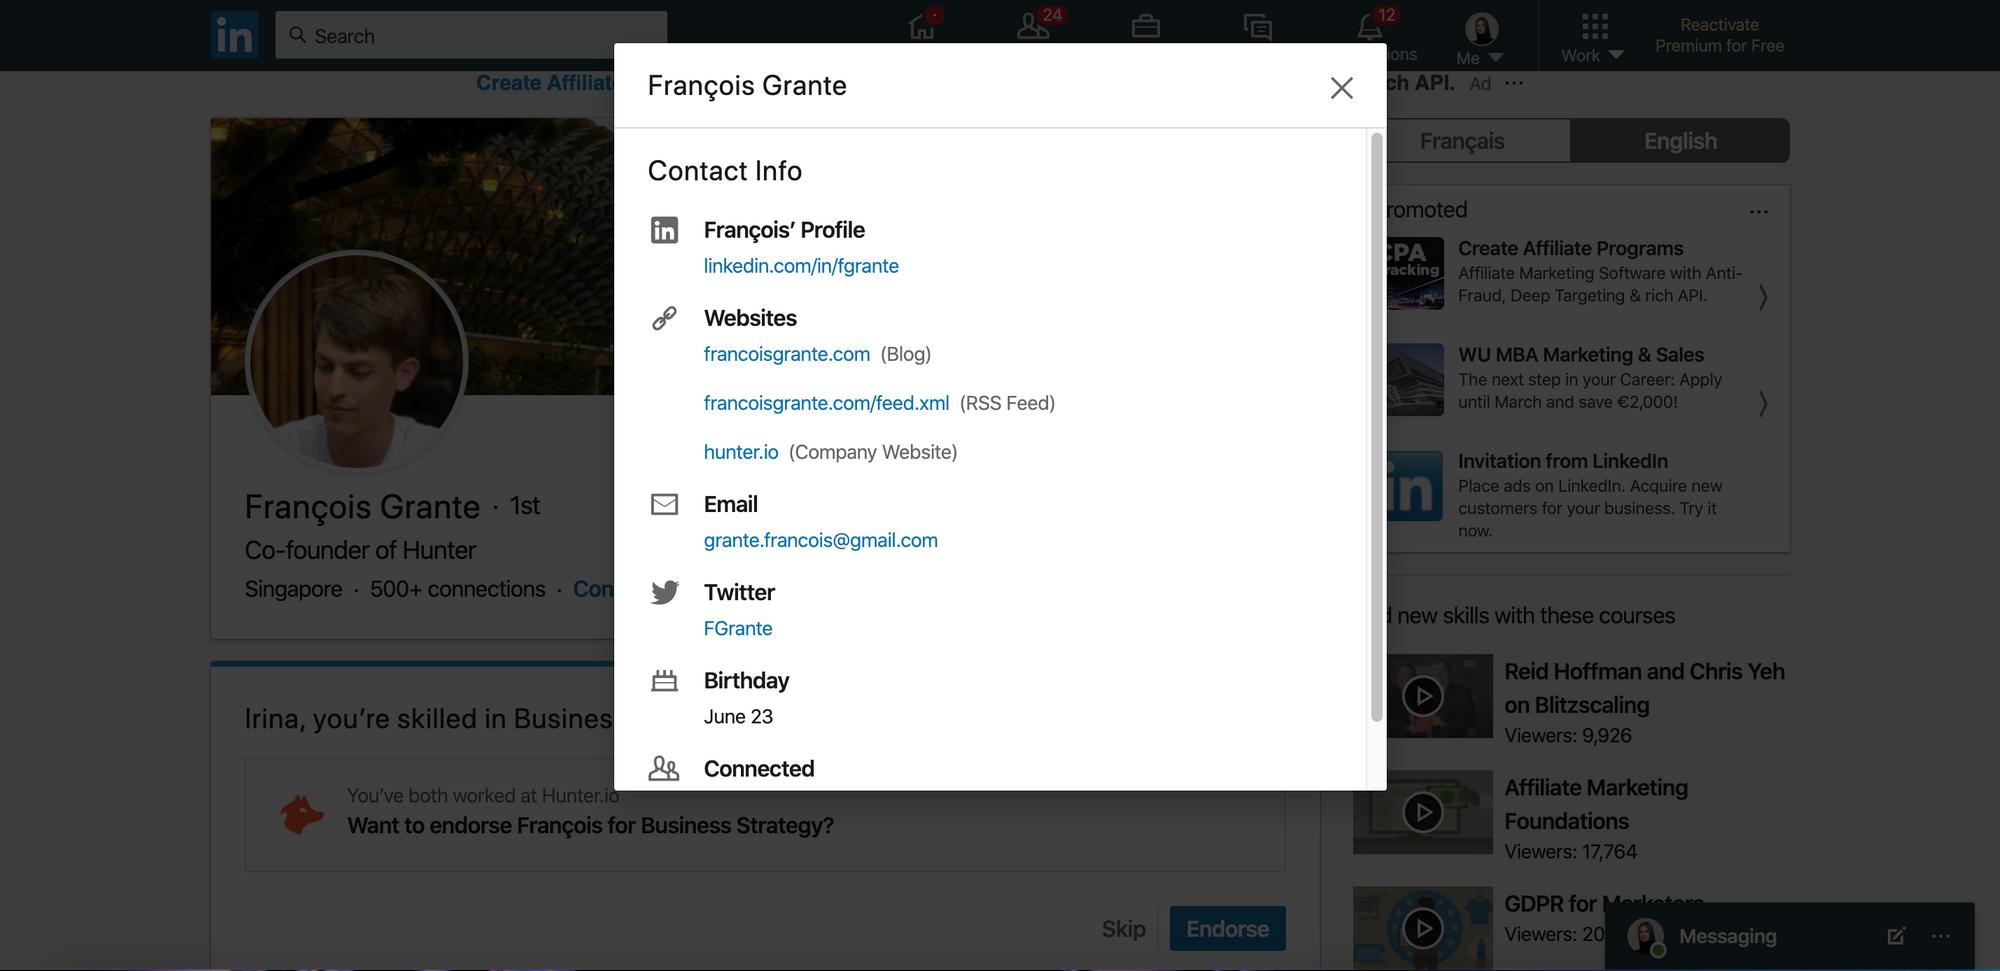 Find email address on LinkedIn